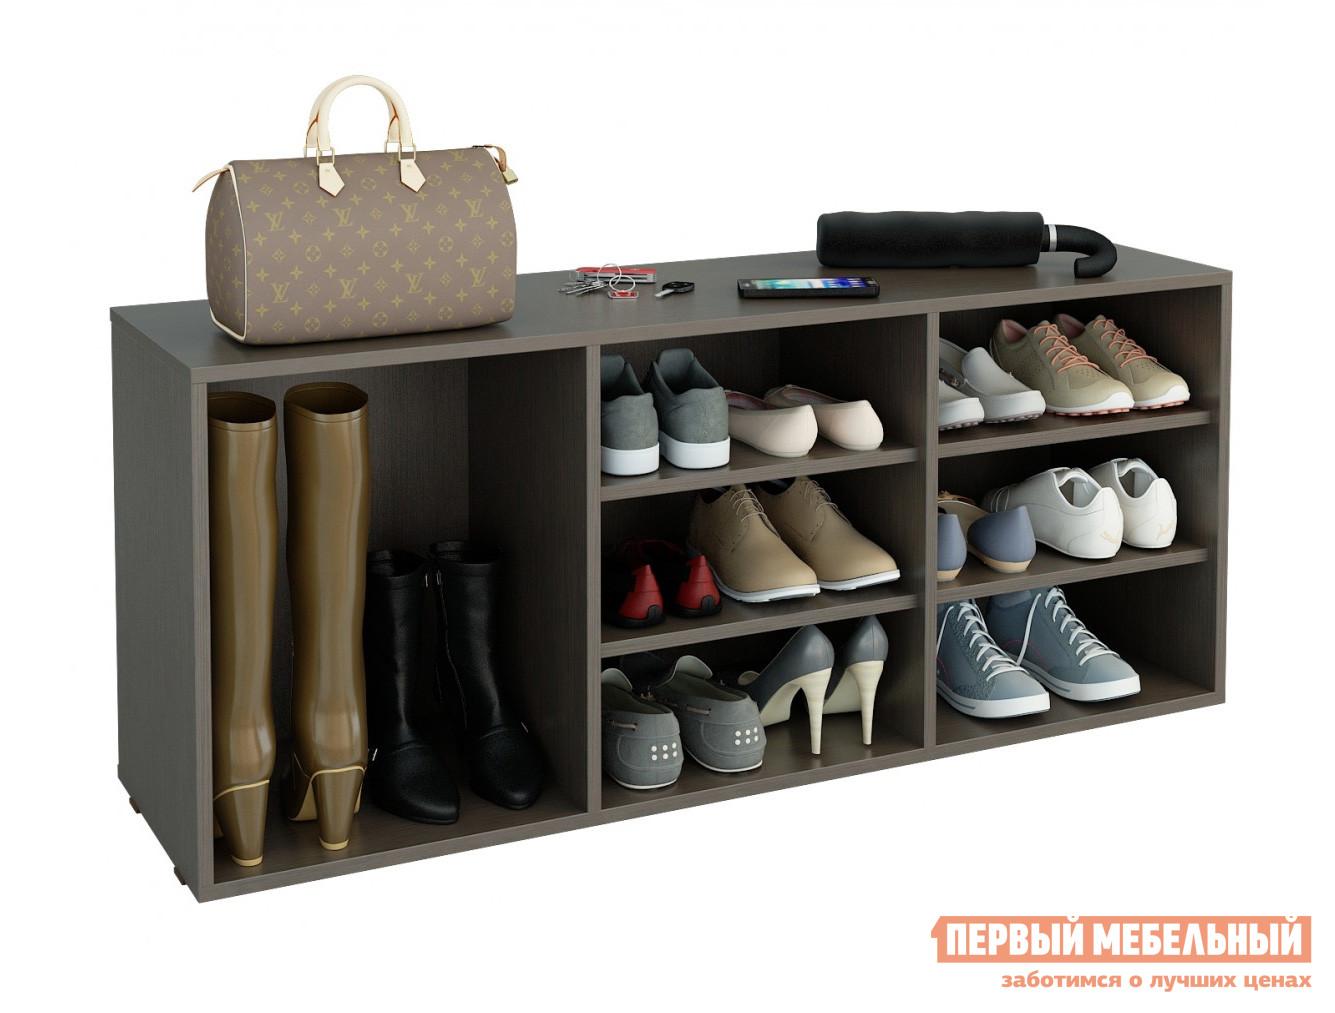 Обувница МФ Мастер Лана-3 ПОЛ-3 (1С+2П) ВенгеОбувницы<br>Габаритные размеры ВхШхГ 532x1262x352 мм. Вместительная обувница с тремя отделениями станет прекрасным дополнением любой прихожей.  В ней  поместится до двенадцати пар невысокой обуви и две пары сапог с высоким голенищем. Большой выбор цветовых решений позволяет подобрать обувницу под любой интерьер. Изделие выполнено из ЛДСП.<br><br>Цвет: Венге<br>Высота мм: 532<br>Ширина мм: 1262<br>Глубина мм: 352<br>Кол-во упаковок: 1<br>Форма поставки: В разобранном виде<br>Срок гарантии: 2 года<br>Тип: Открытые<br>Материал: ЛДСП<br>Размер: Широкие<br>Глубина: Глубокие<br>Стиль: Классический